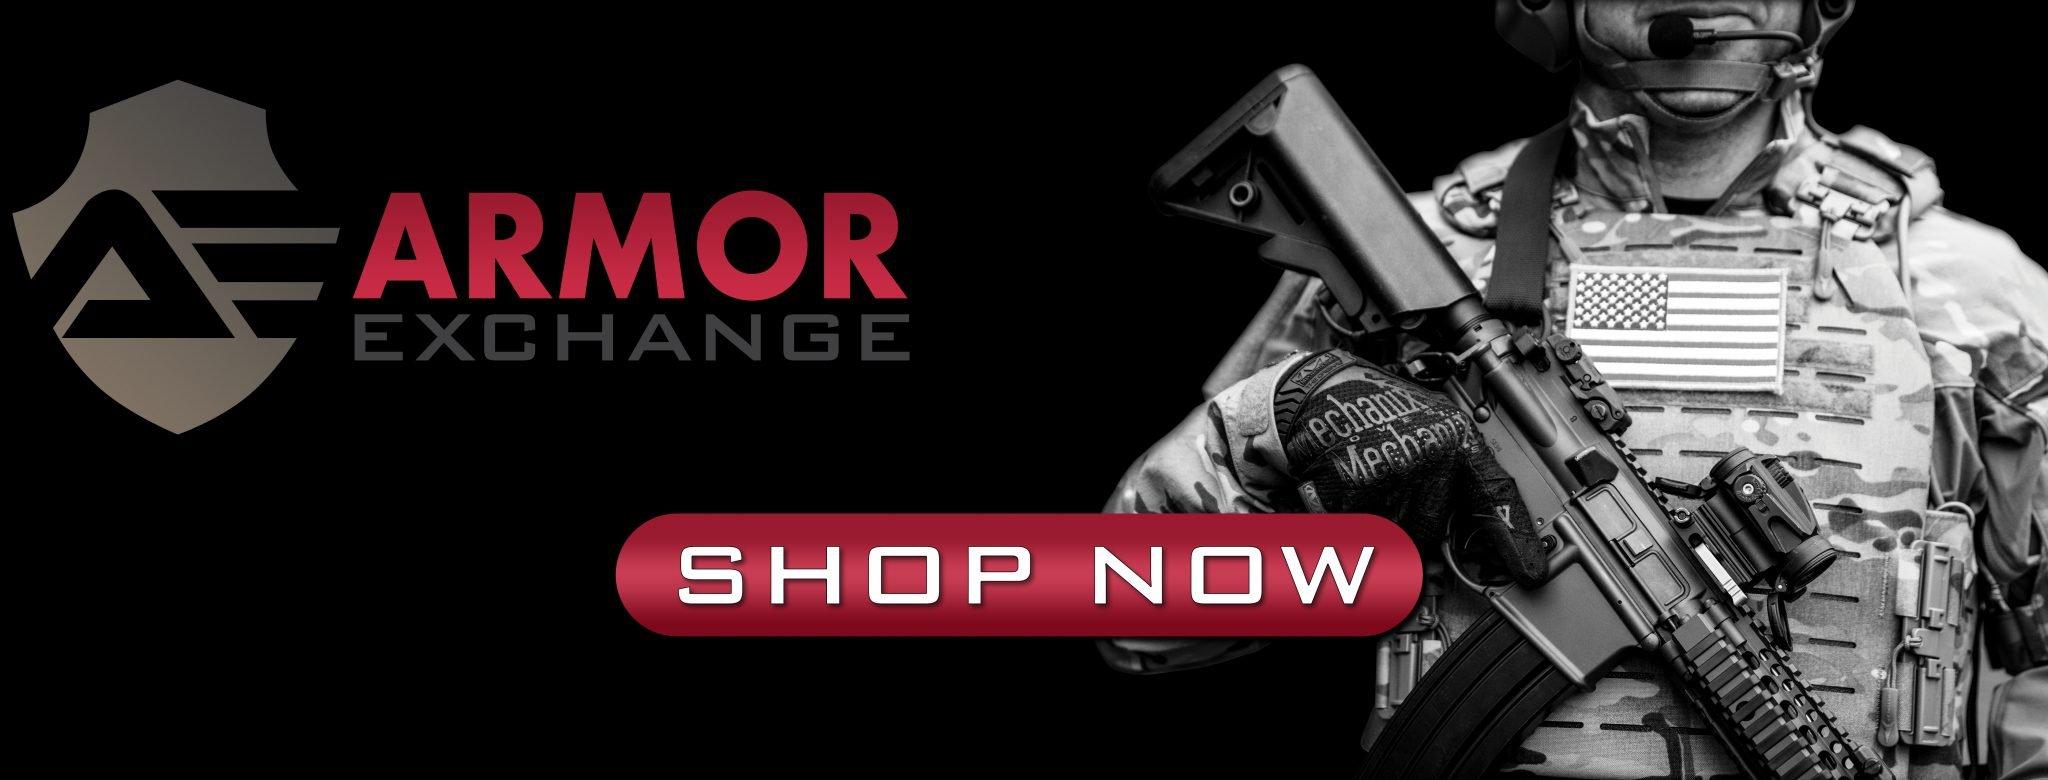 Armor Exchange - Shop Now